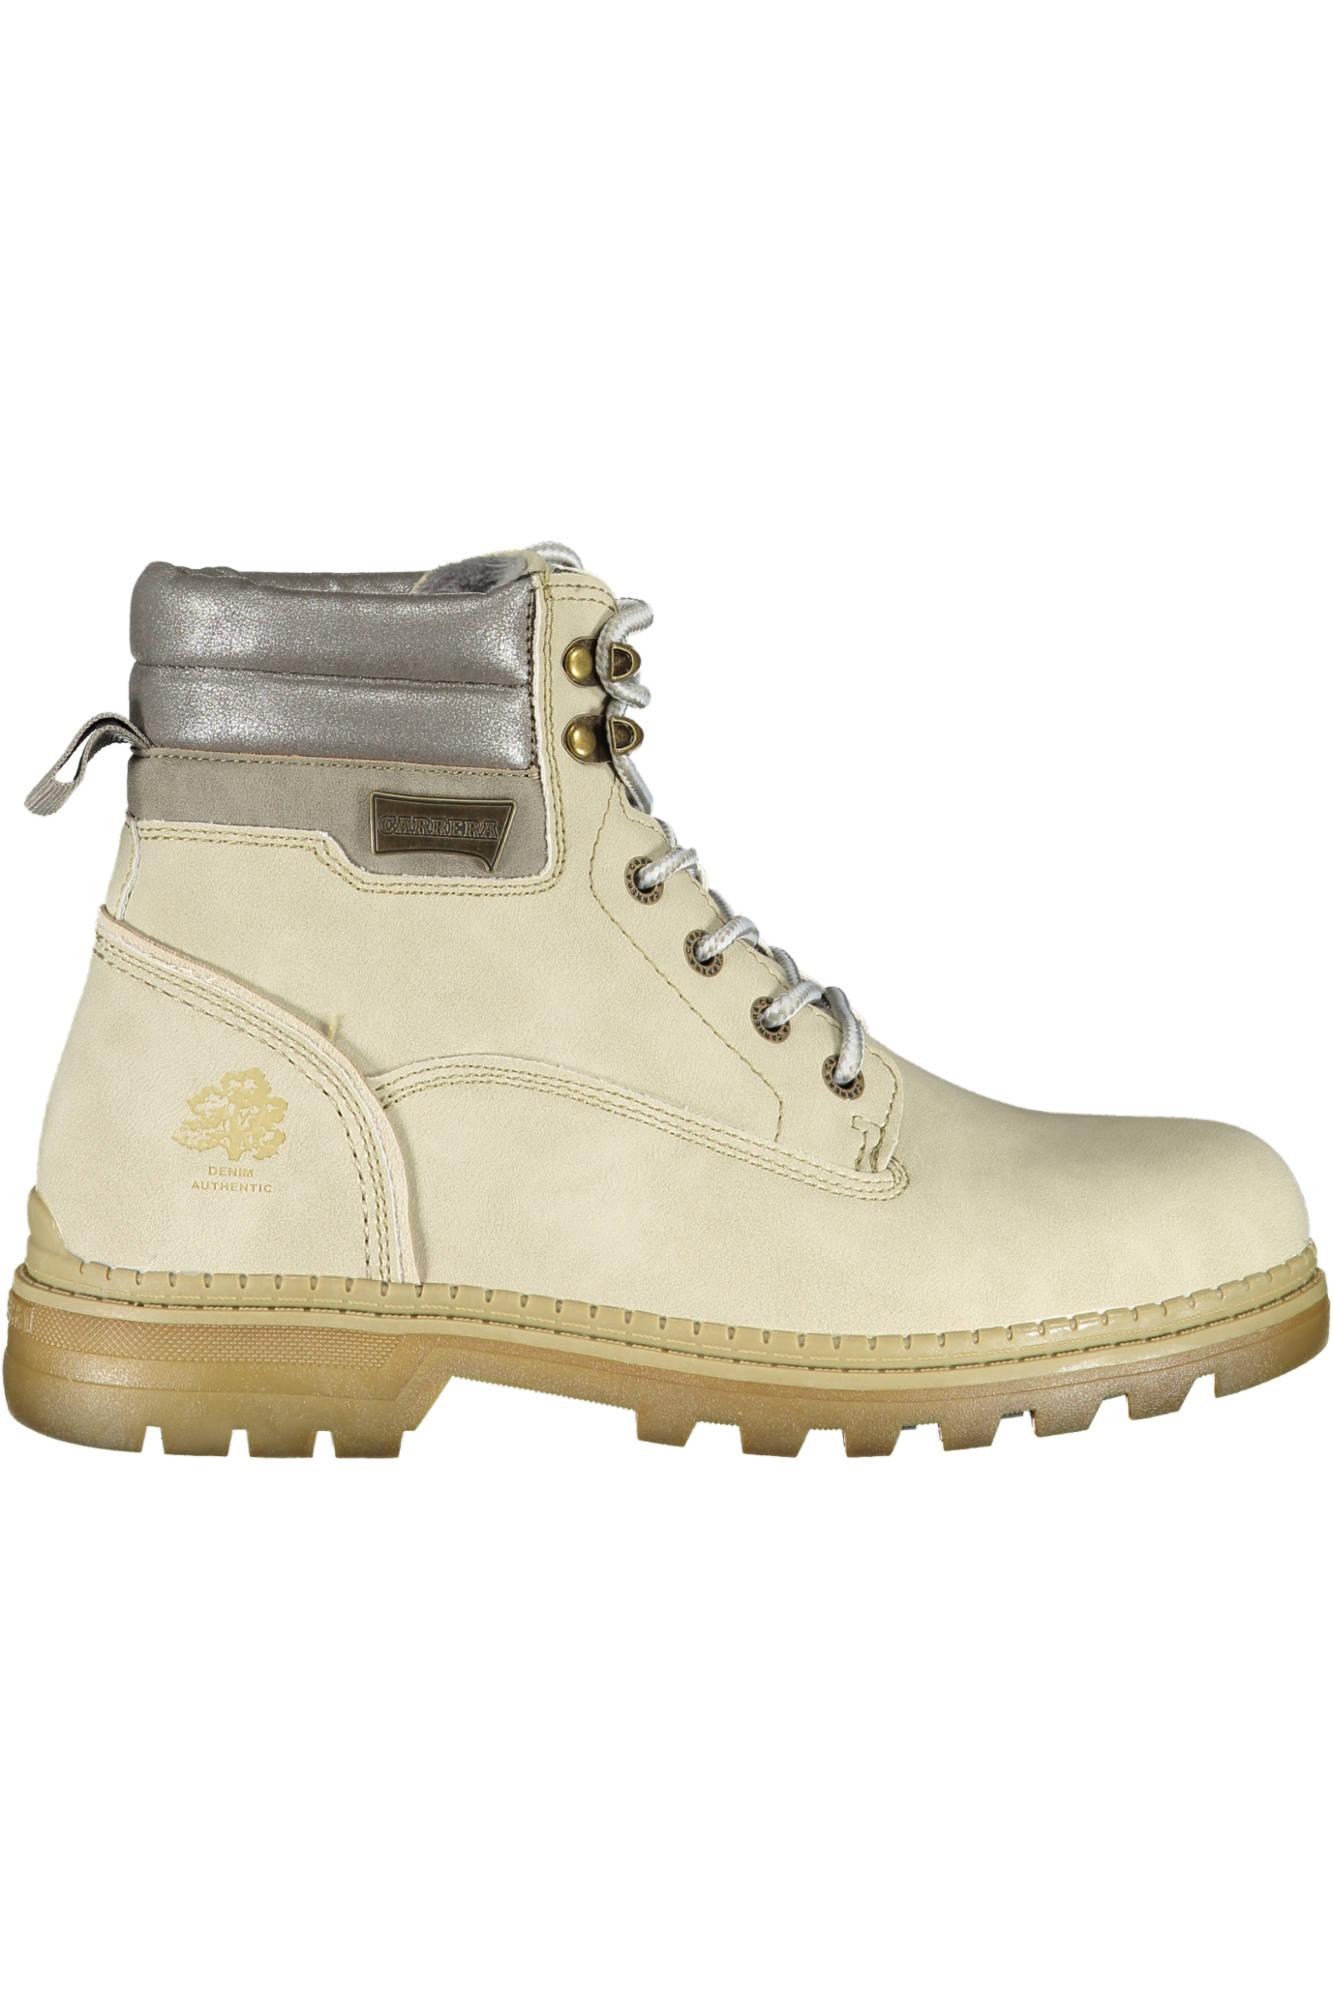 CARRERA kotníkové boty BIANCO